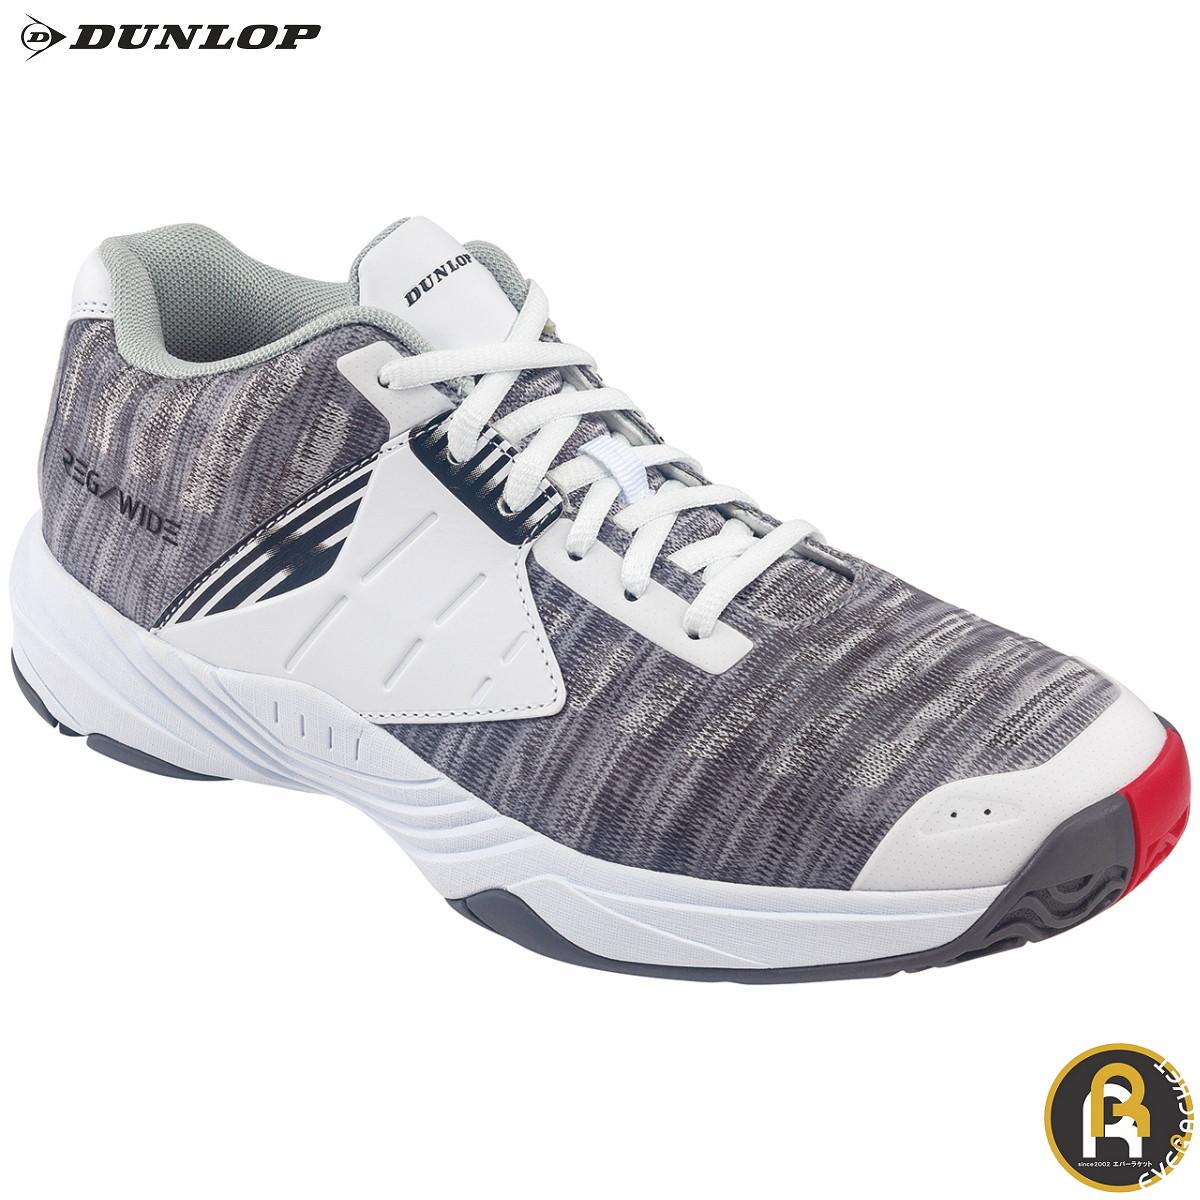 ダンロップ ダンロップスポーツ ソフトテニスシューズ テニスシューズ DTS1021GY ソフトテニス